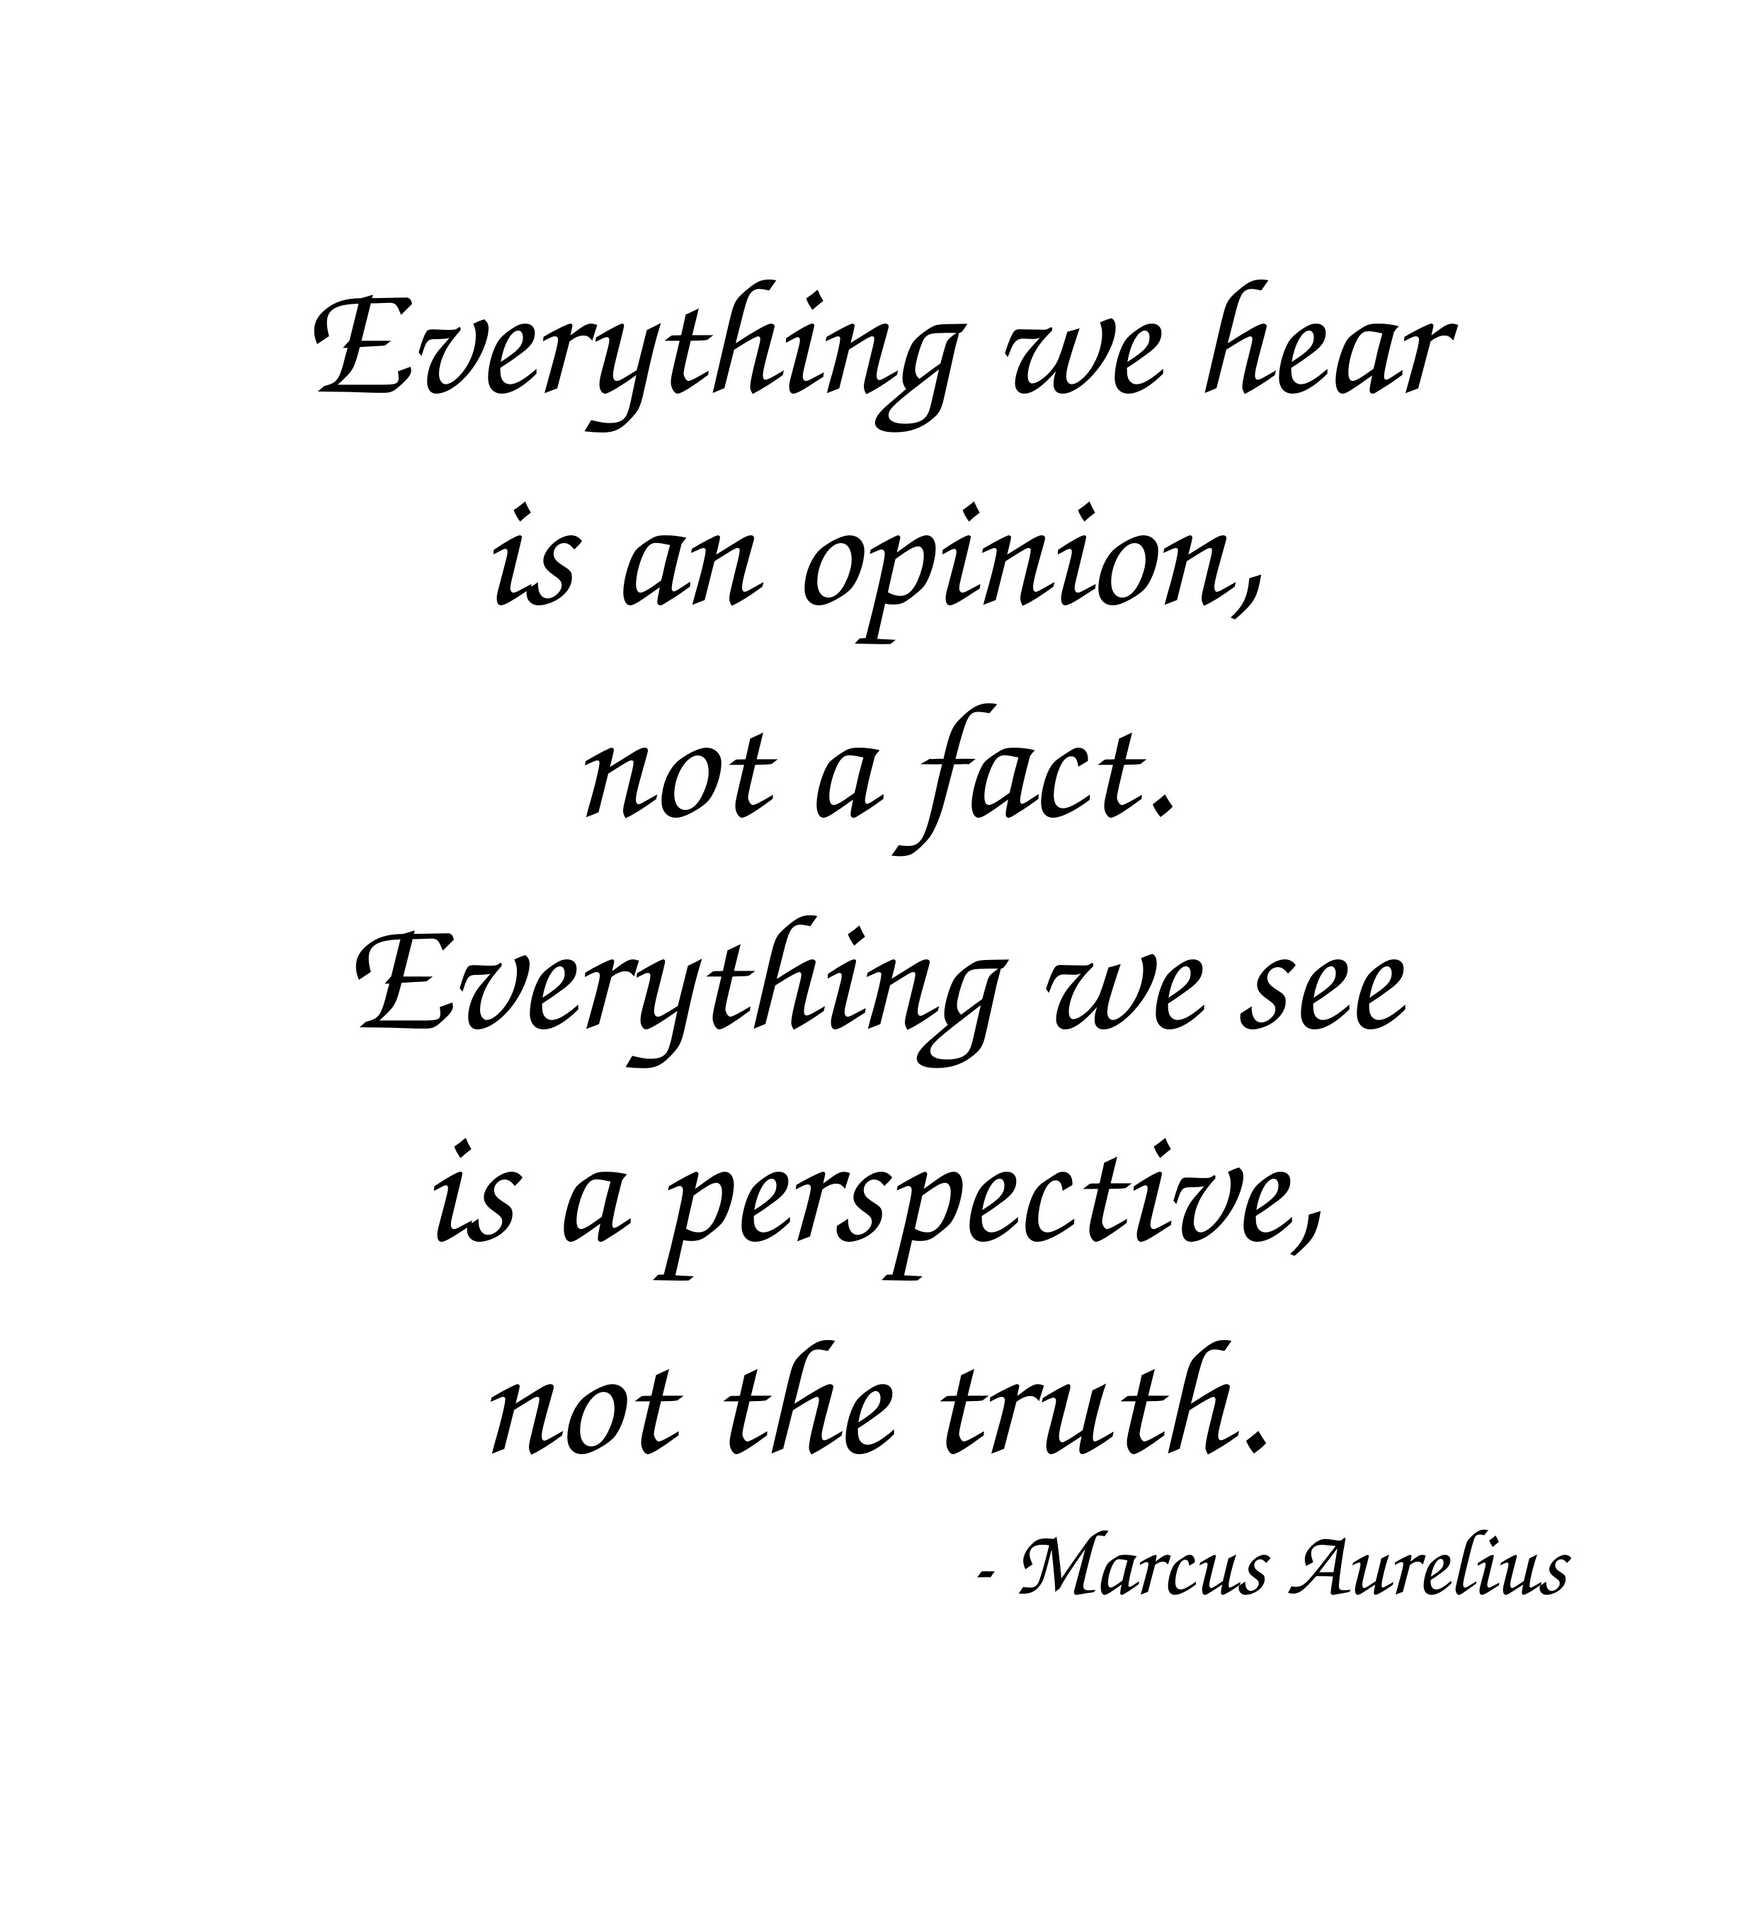 quotes_marcus-aurelius_opinion-fact-perspective-truth